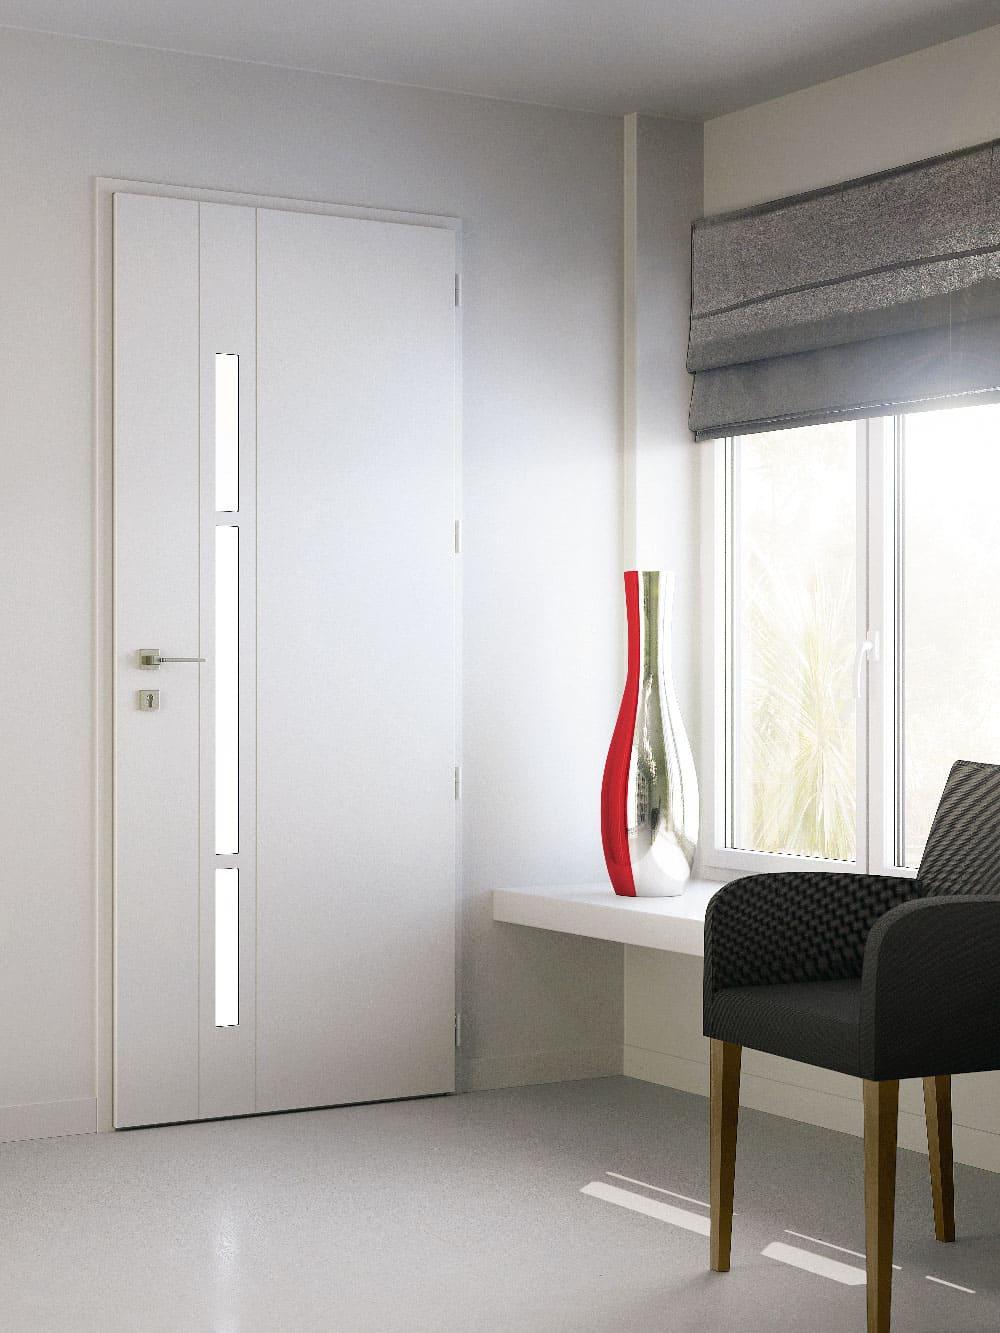 Porte d'entrée aluminium K-LINE chez ATRIO